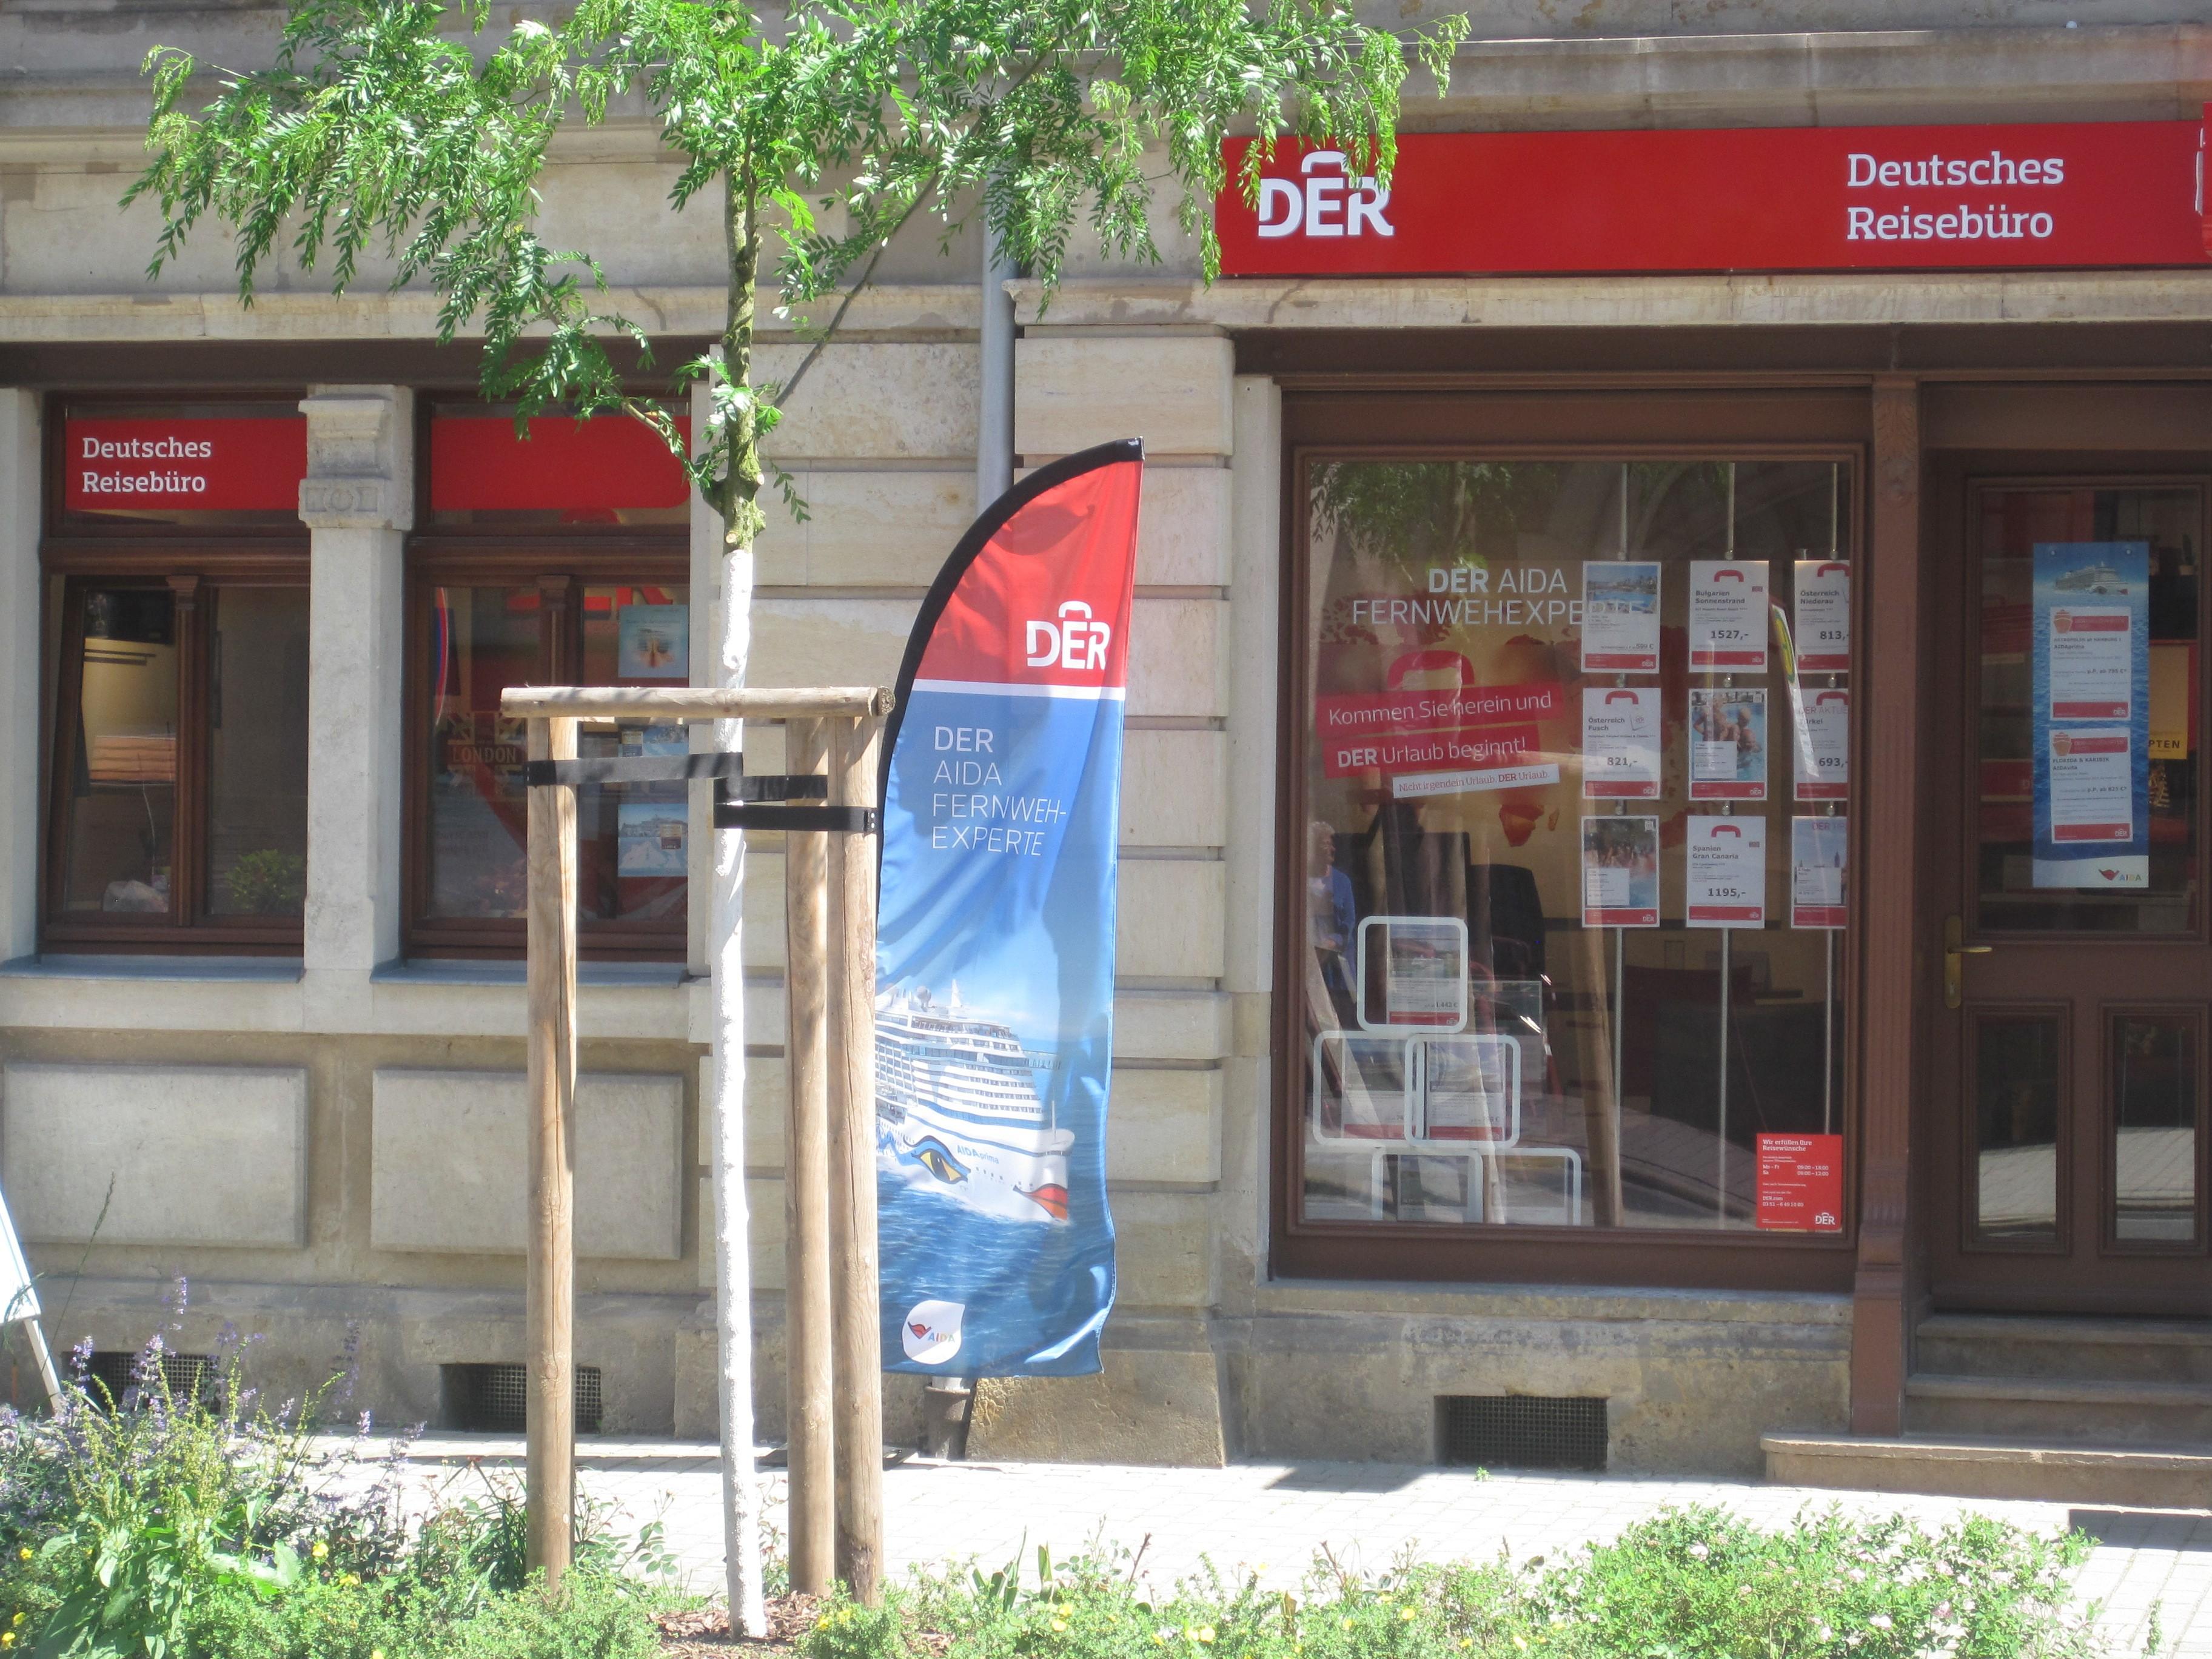 DER Deutsches Reisebüro, Dresdner Straße 59 in Freital